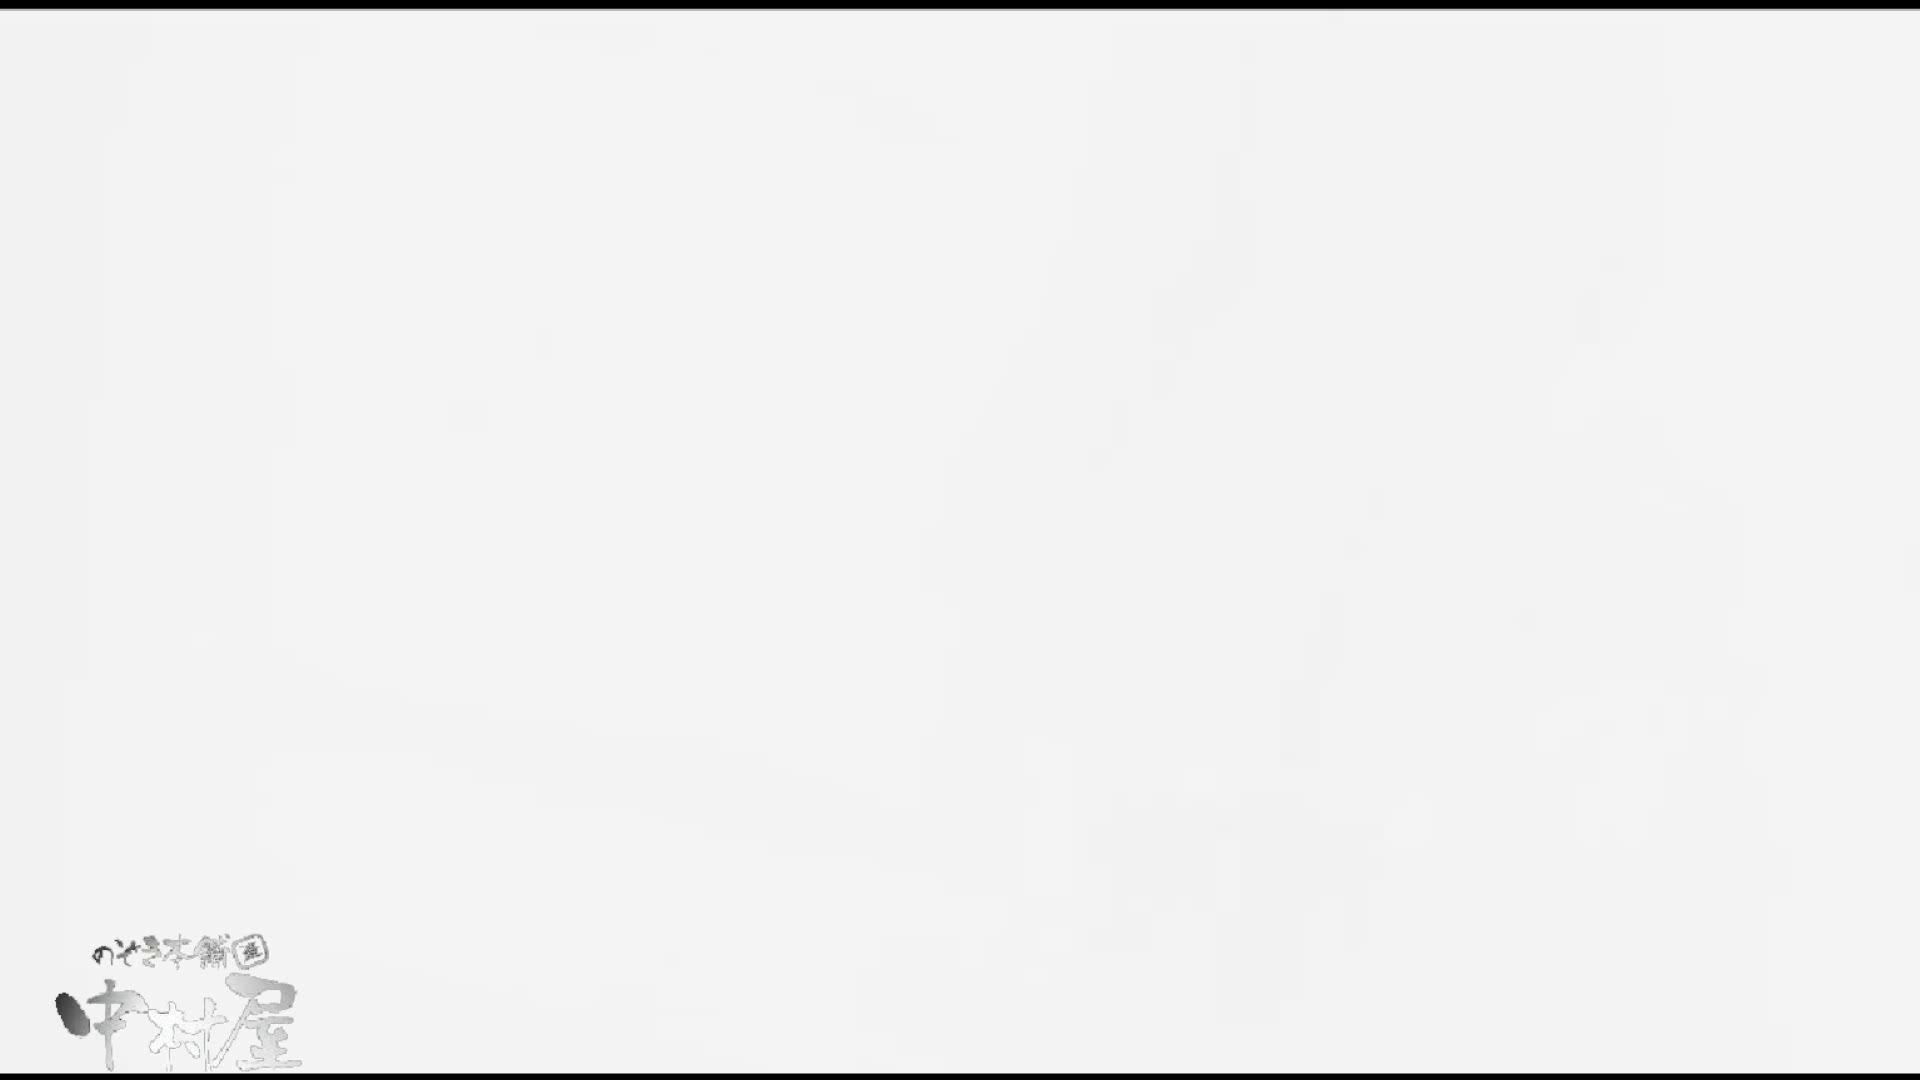 飛び出す黄金水!!!アトレ潜入 かわや盗撮 vol.02 女体盗撮 盗撮戯れ無修正画像 92連発 3